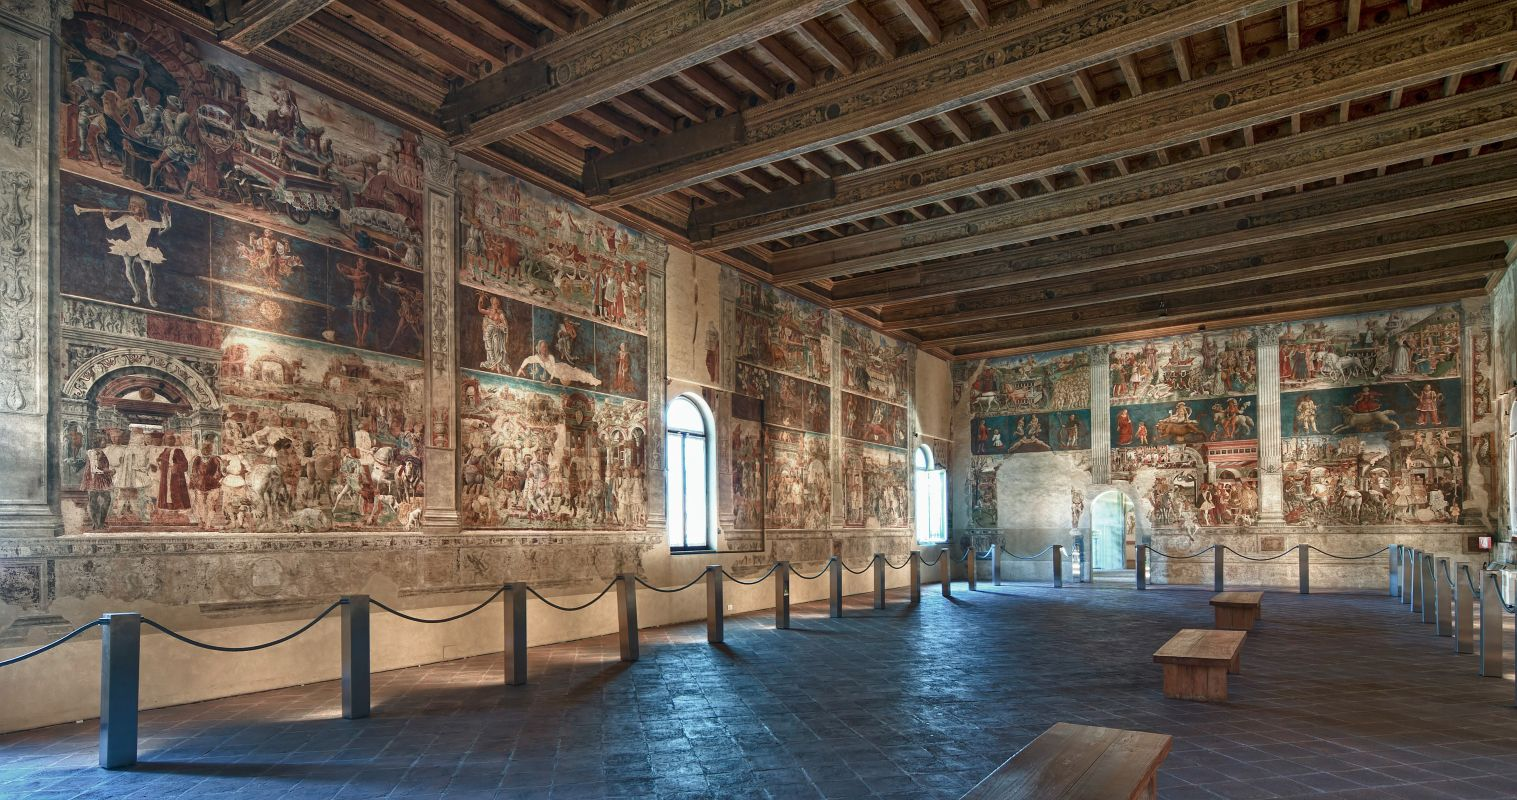 Palazzo Schifanoia, Salone dei Mesi - Massimo Baraldi - Ferrara (FE)